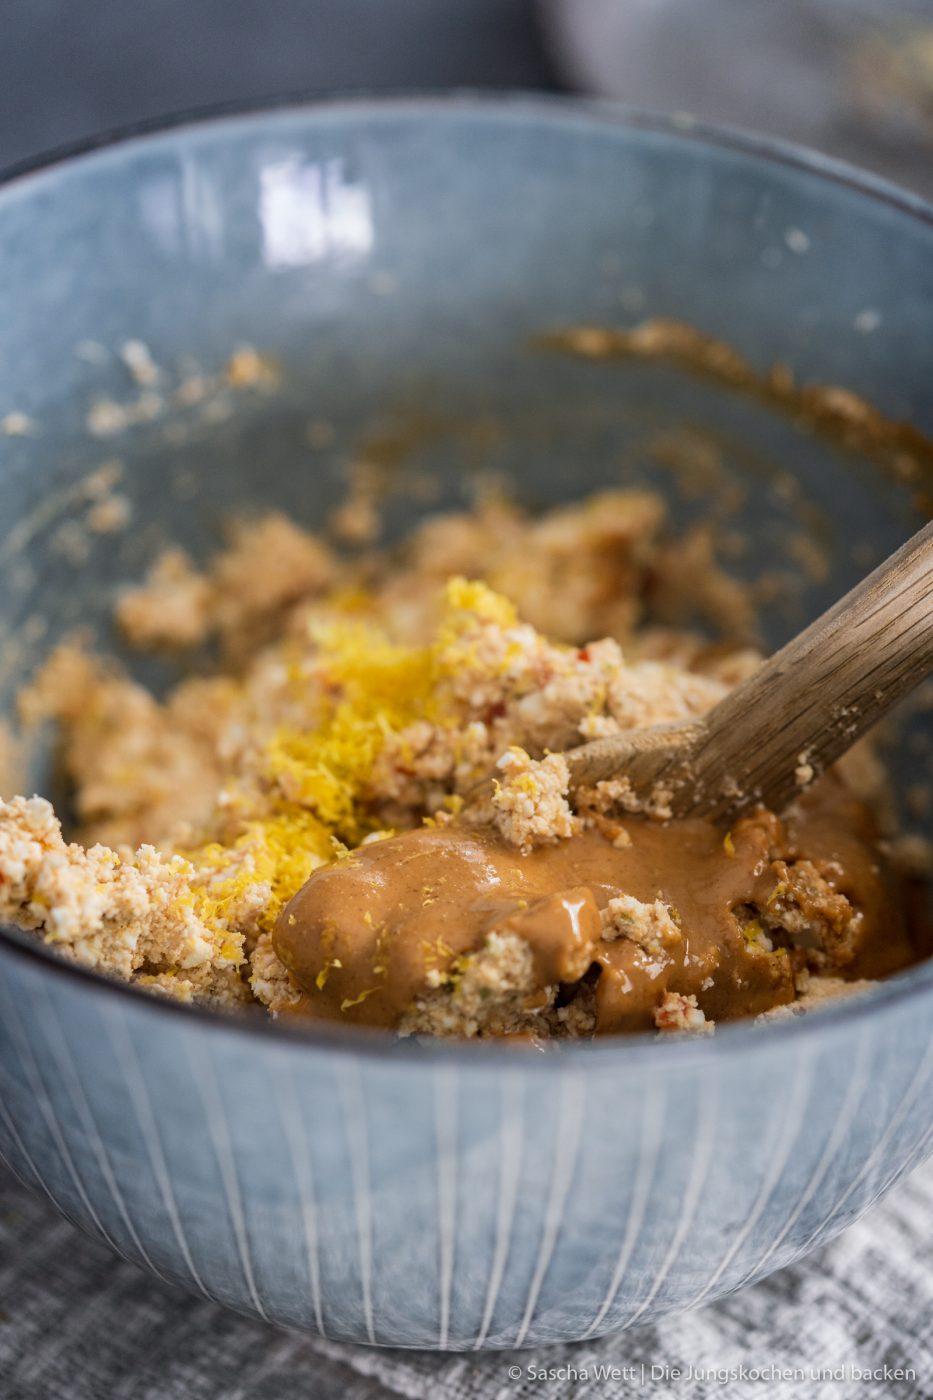 Chicken Peanut Balls ültje pur 7 | Es ist mal wieder Zeit für ein neues Rezept, das wir gemeinsam mit ültje entwickelt haben. Aktuell stehen bestimmt auch viele von euch regelmäßig am Grill und wir dachten, wir zeigen euch ein Knaller-Rezept für eure nächste Grillsession. Unfassbar gute Chicken-Bacon Bombs mit einer würzigen Erdnussfüllung. Da läuft einem doch direkt das Wasser im Mund zusammen, oder?!